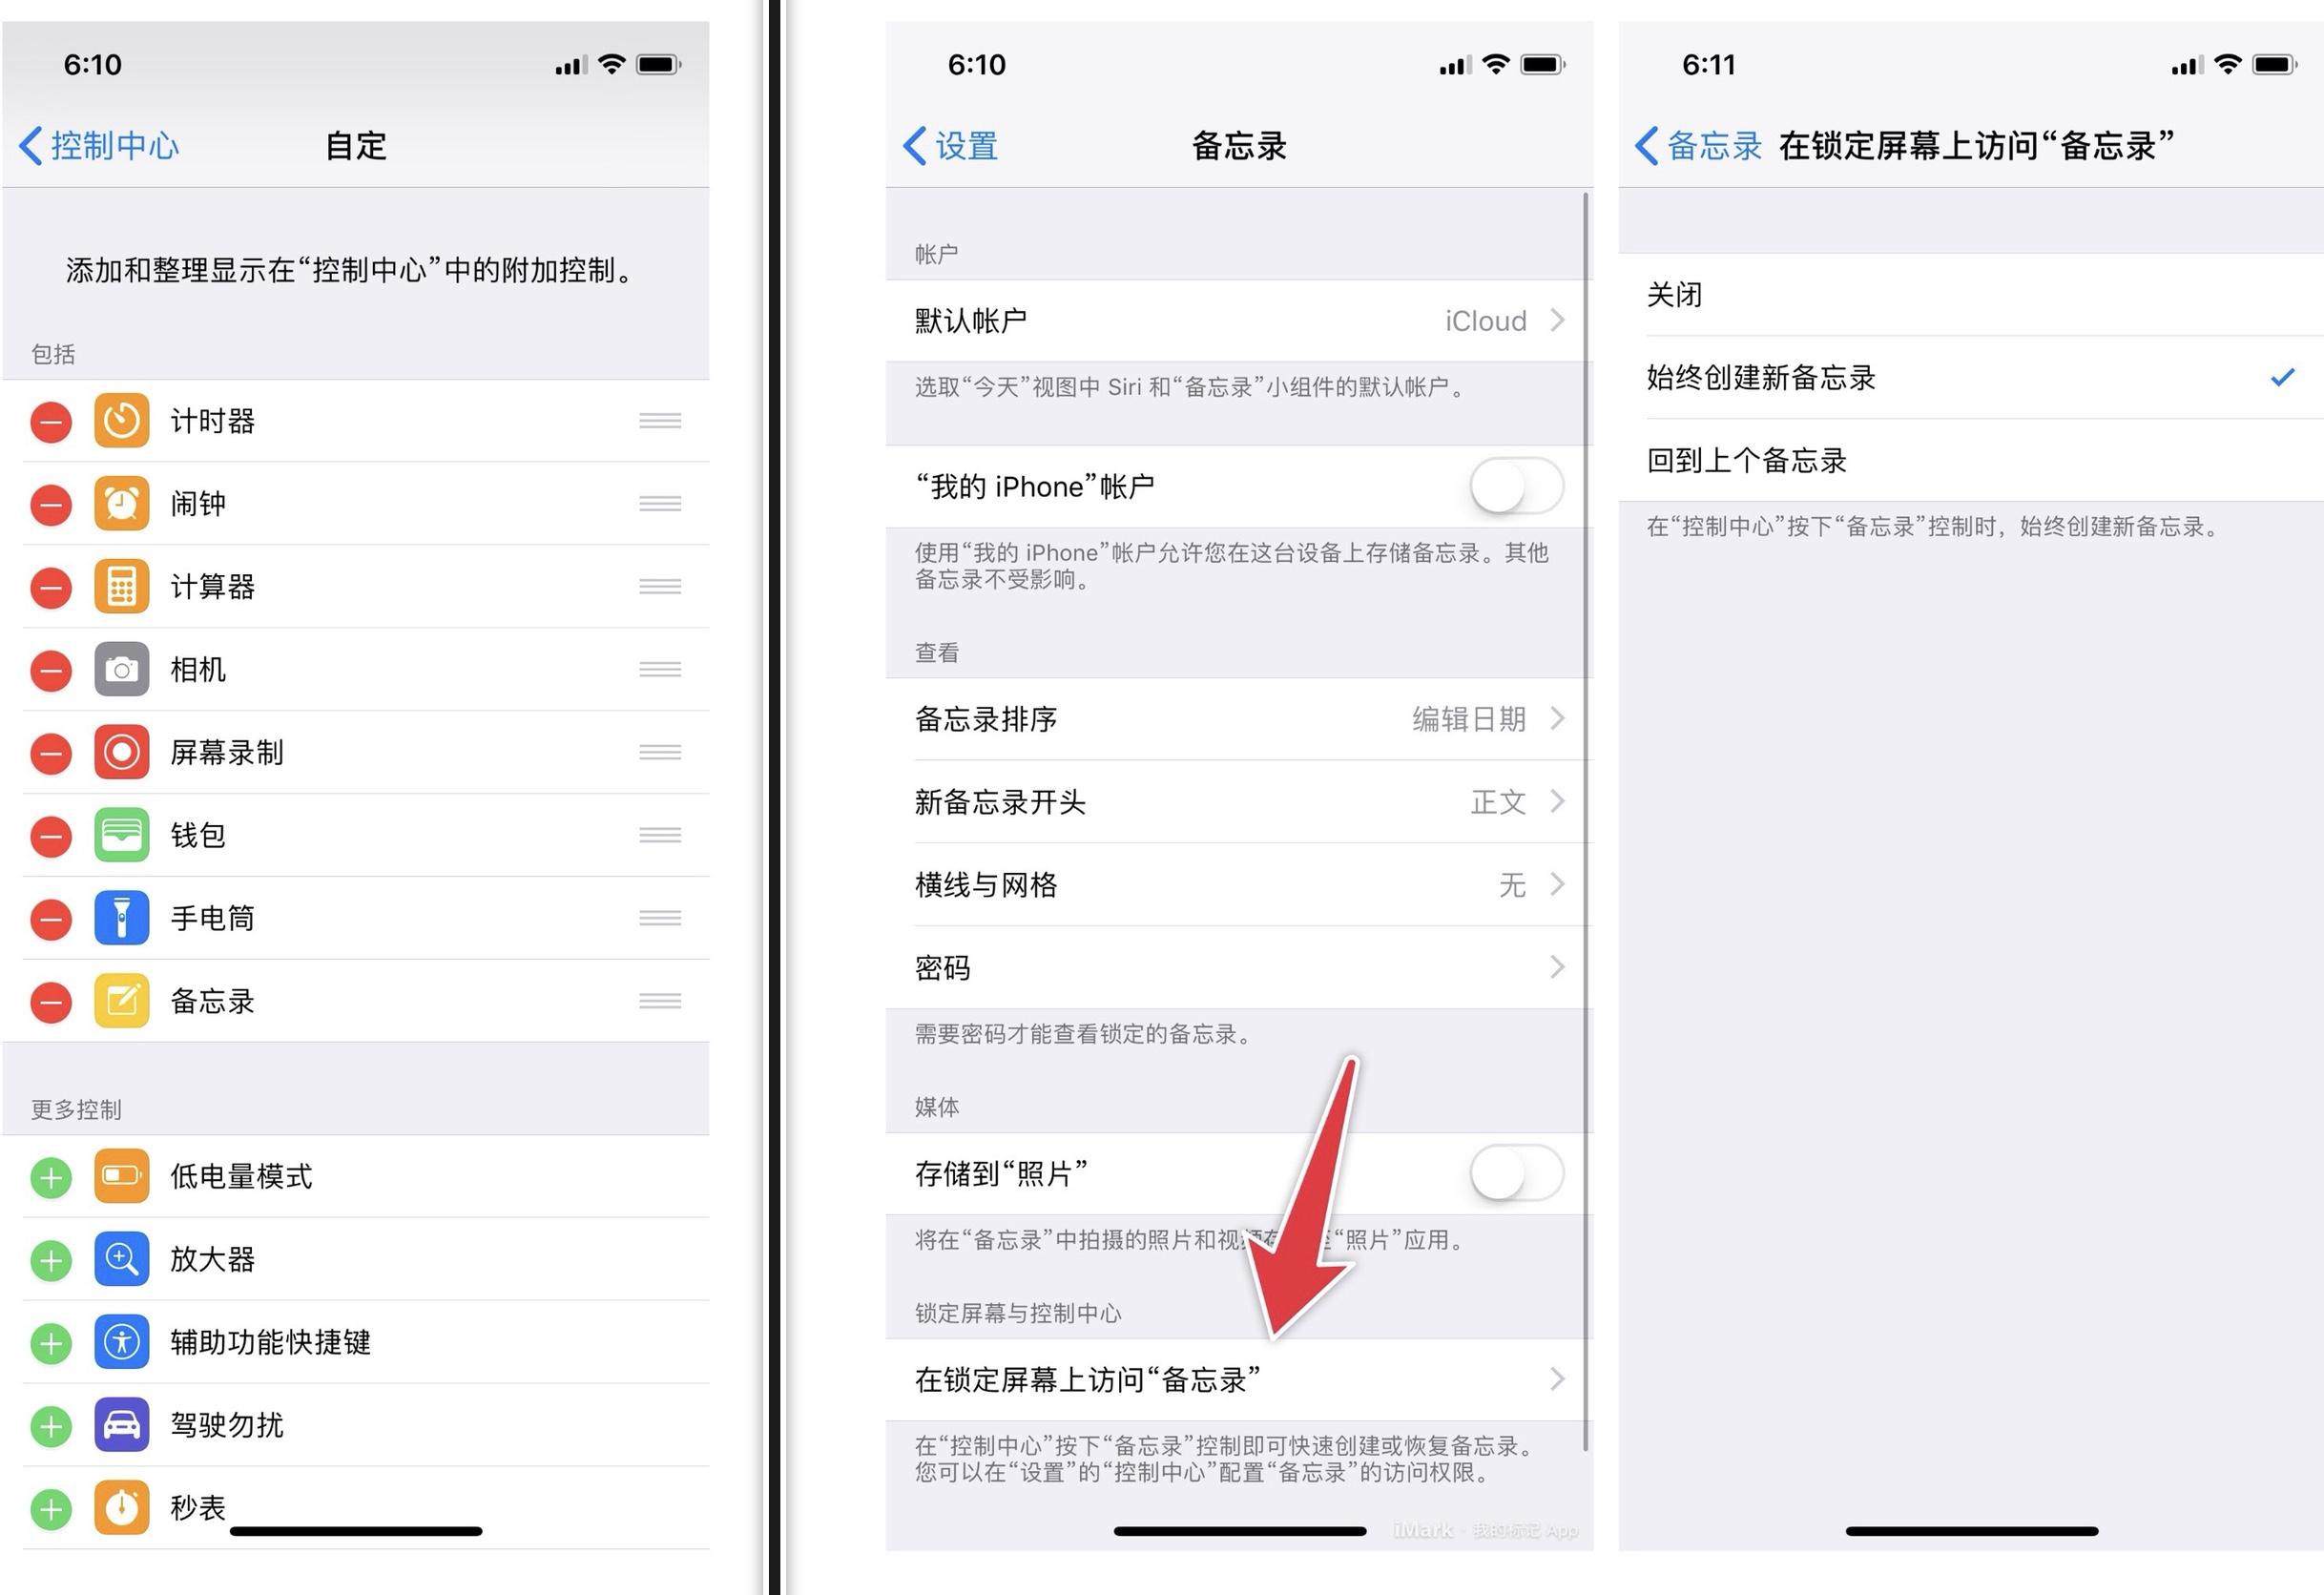 如何在 iPhone 上使用自带备忘录进行速记